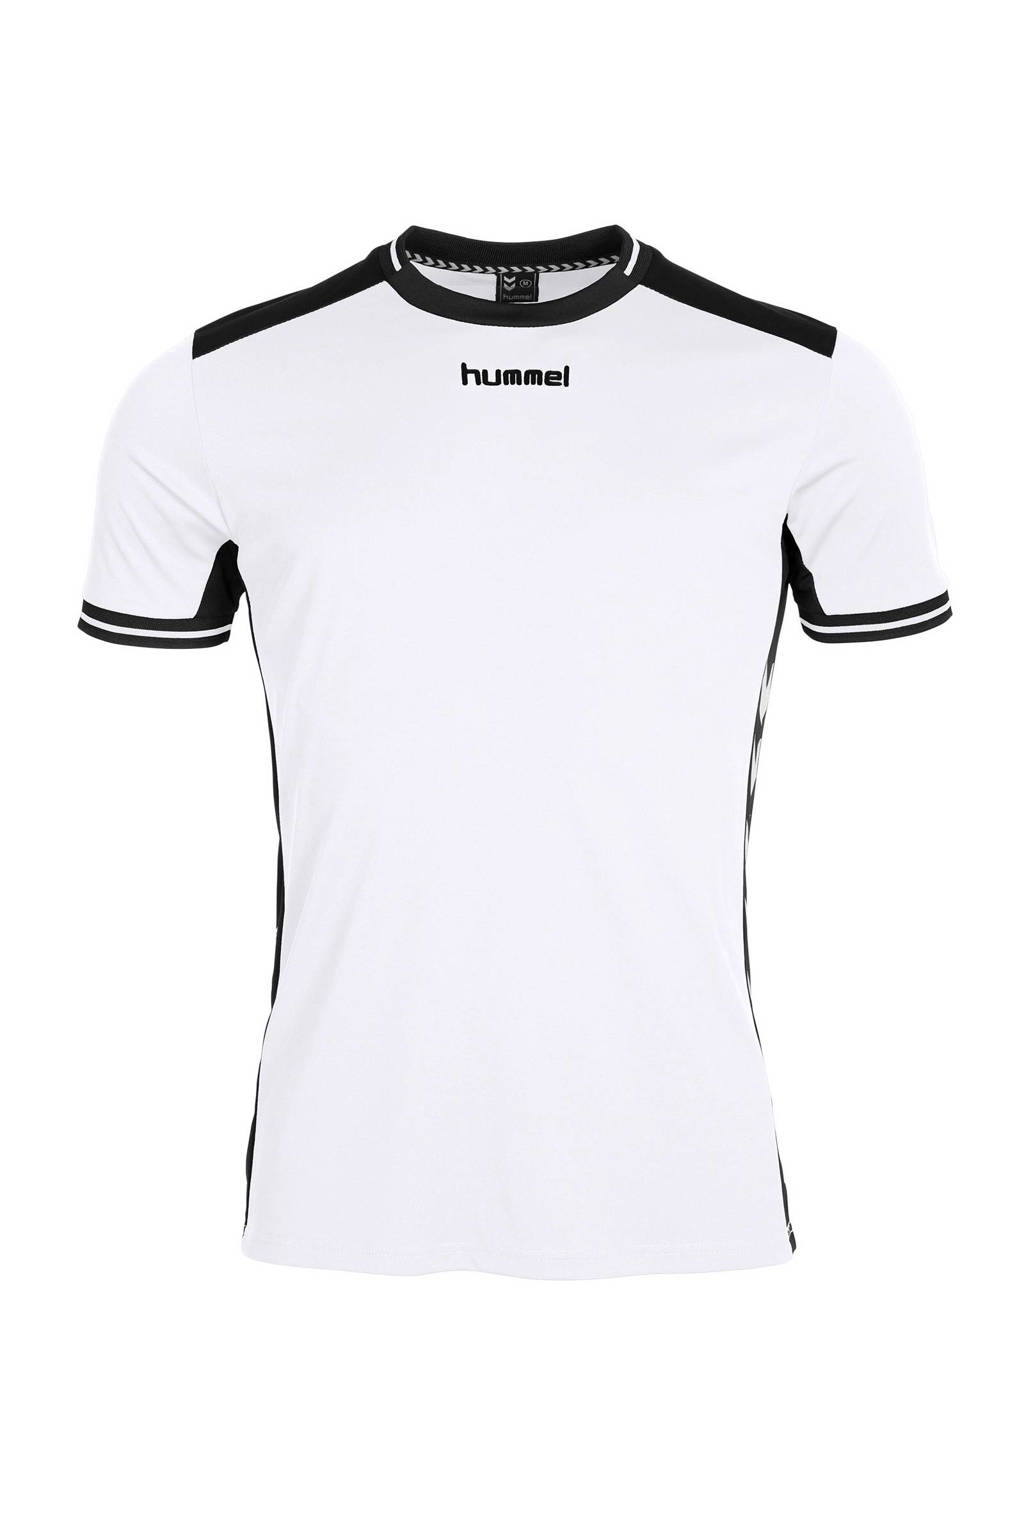 hummel   sport T-shirt, wit/ zwart